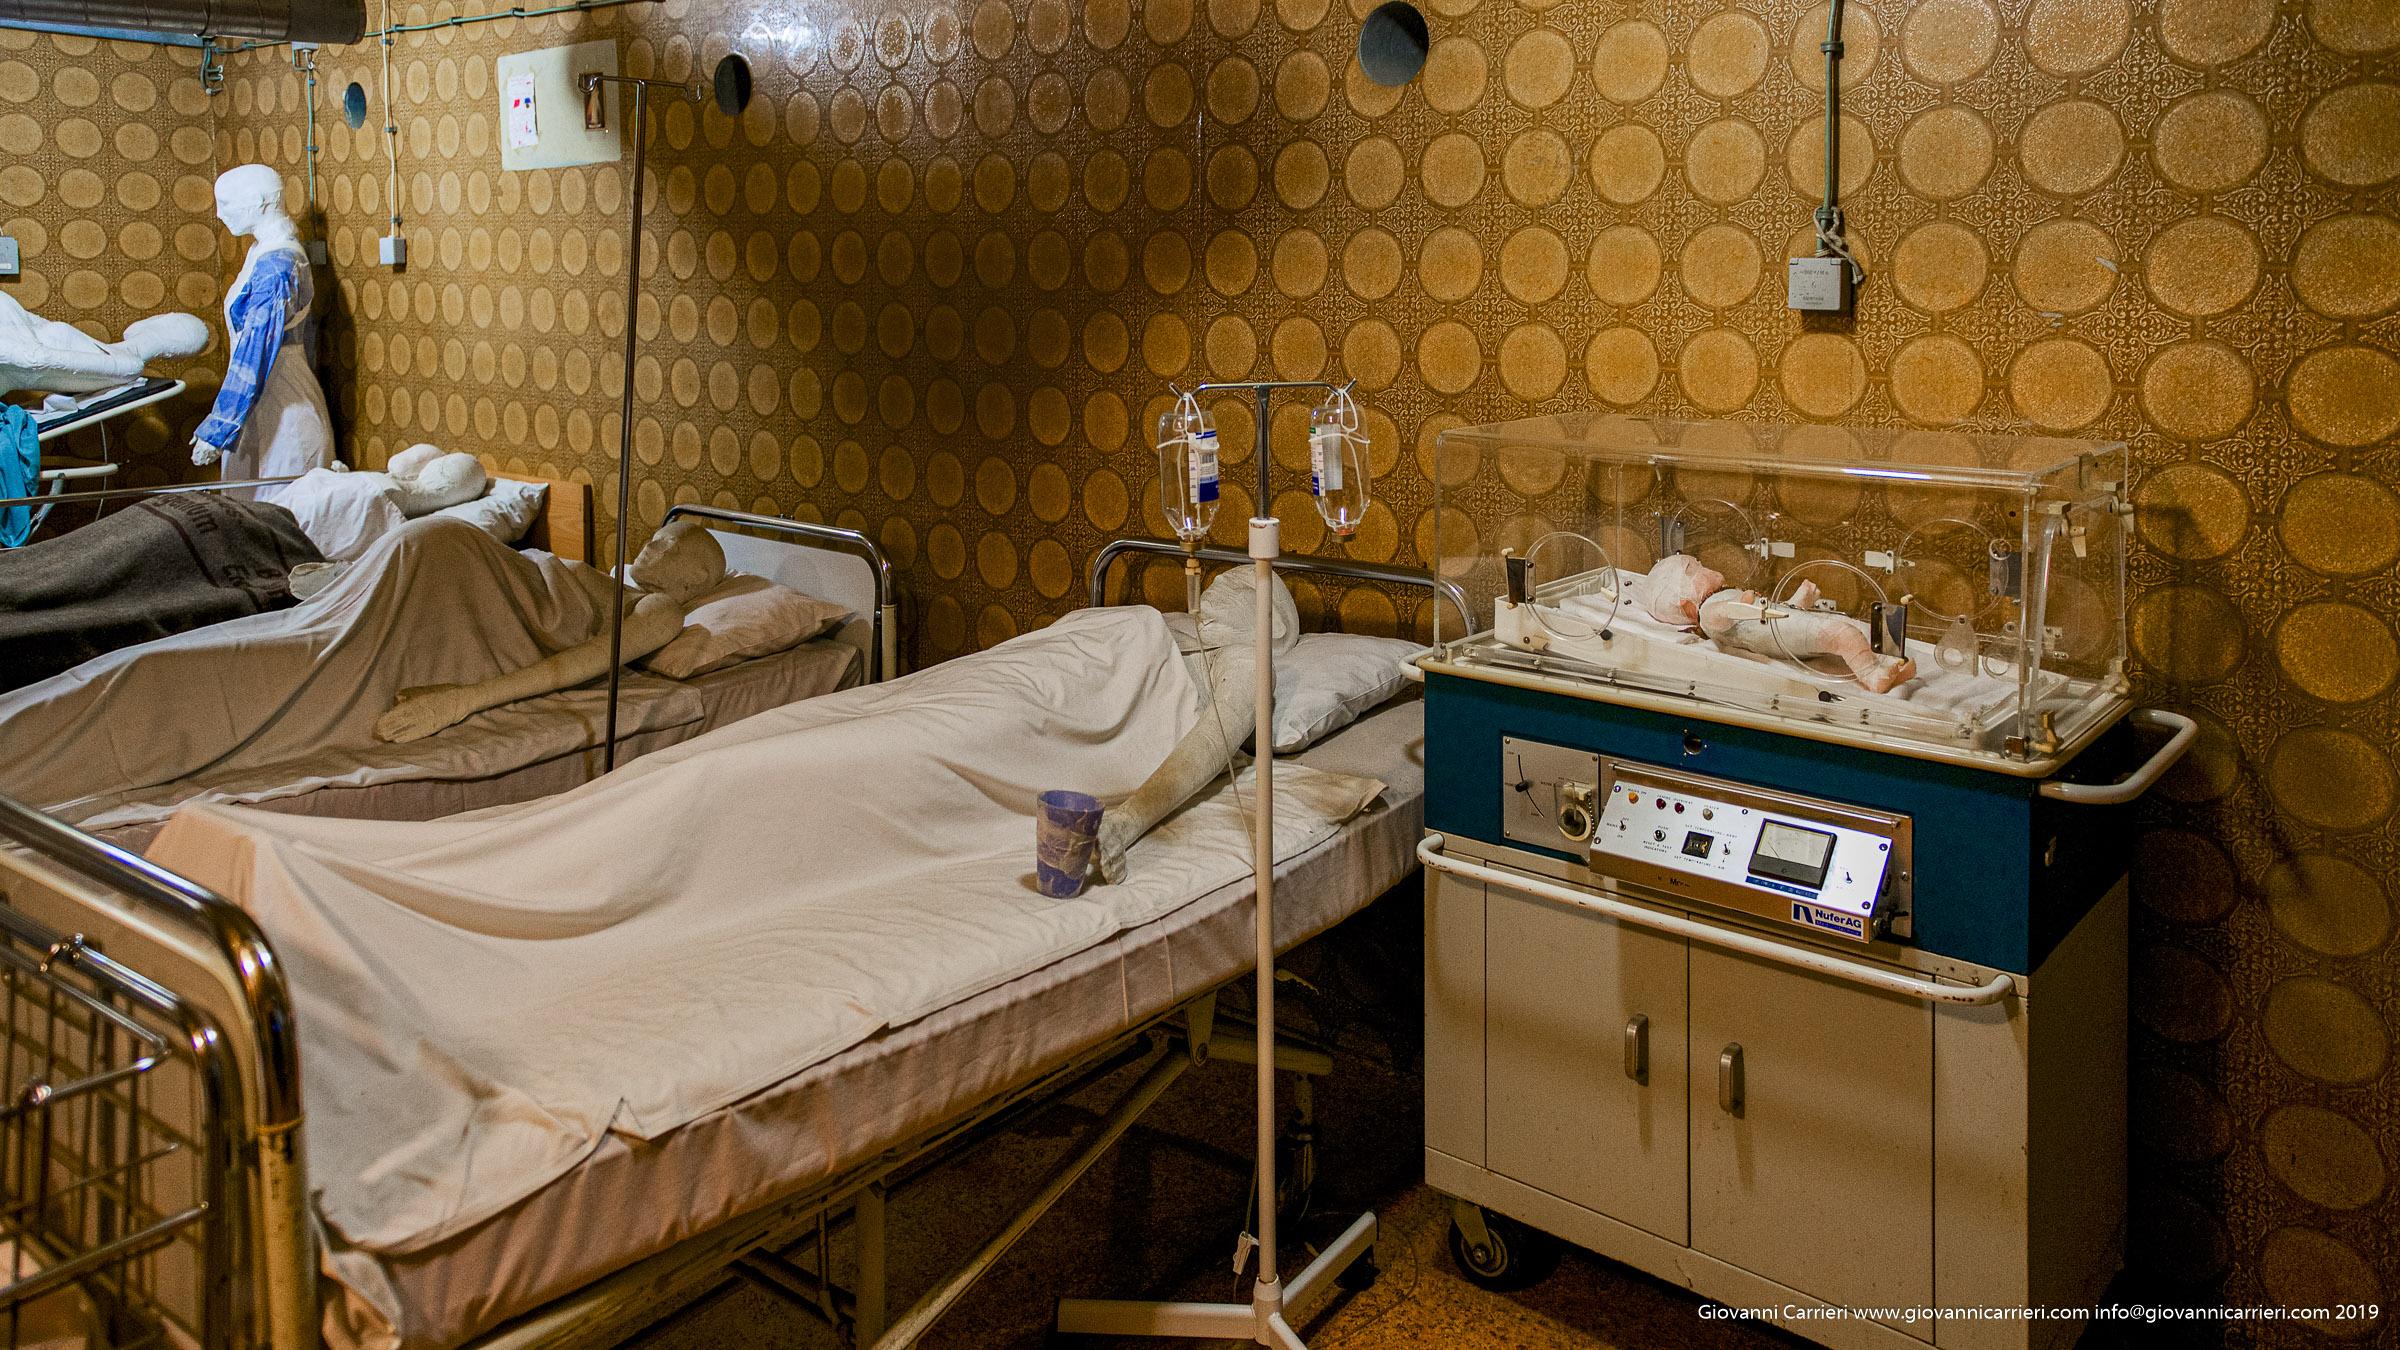 L'incubatrice nell'ospedale di Vukovar usata durante i giorni dell'assedio